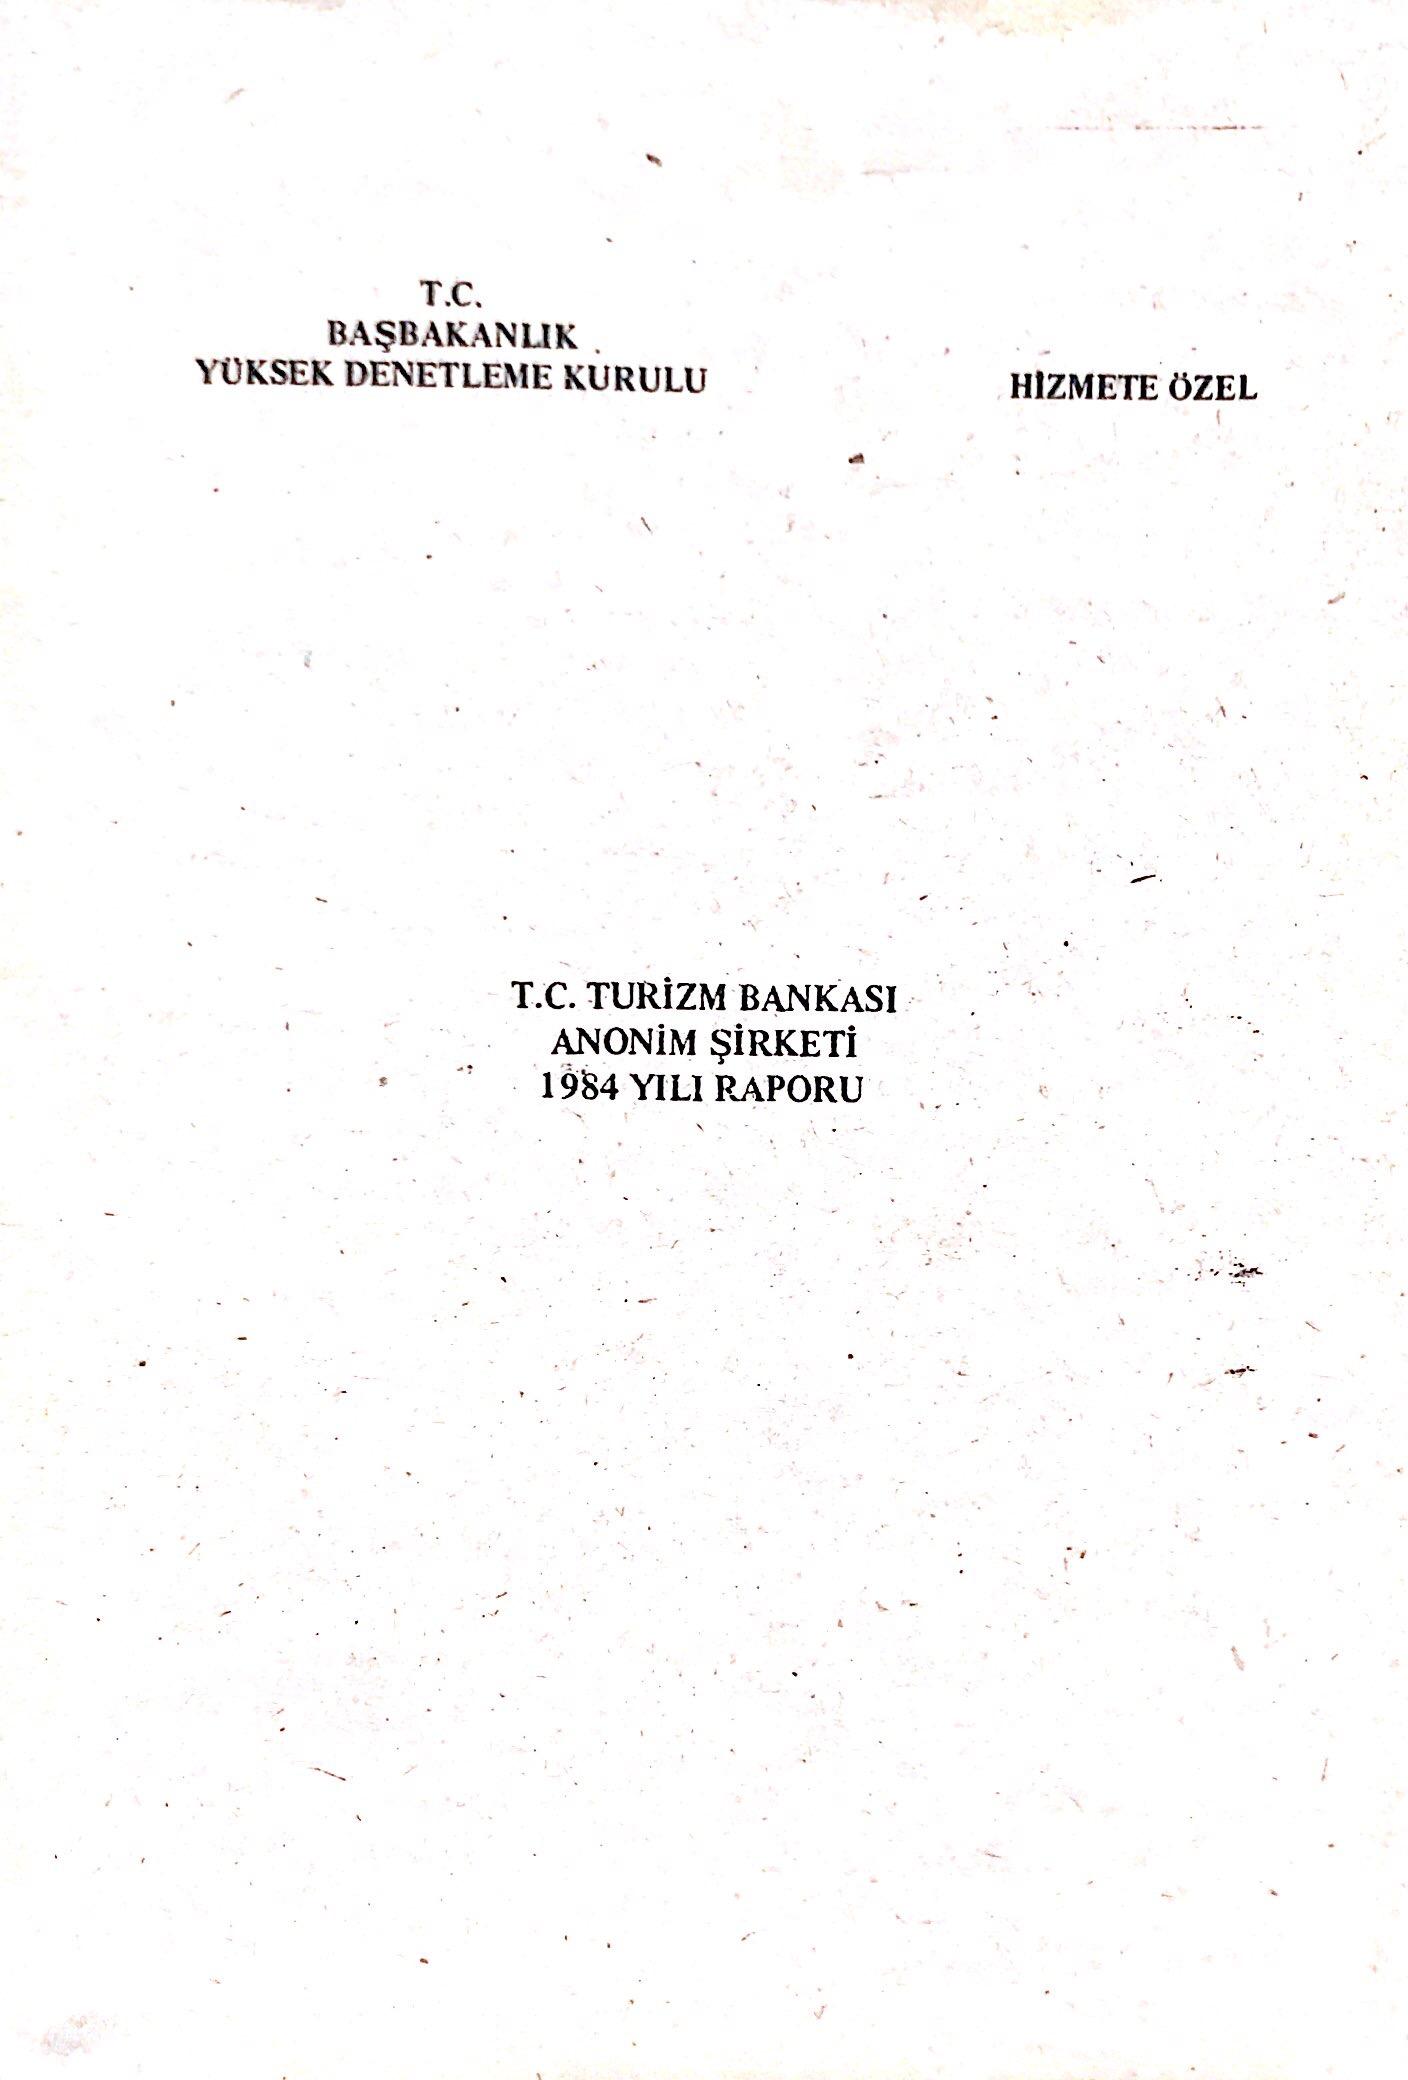 T.C. Turizm Bankası Anonim Şirketi 1984 Yılı Raporu Kitap Kapağı